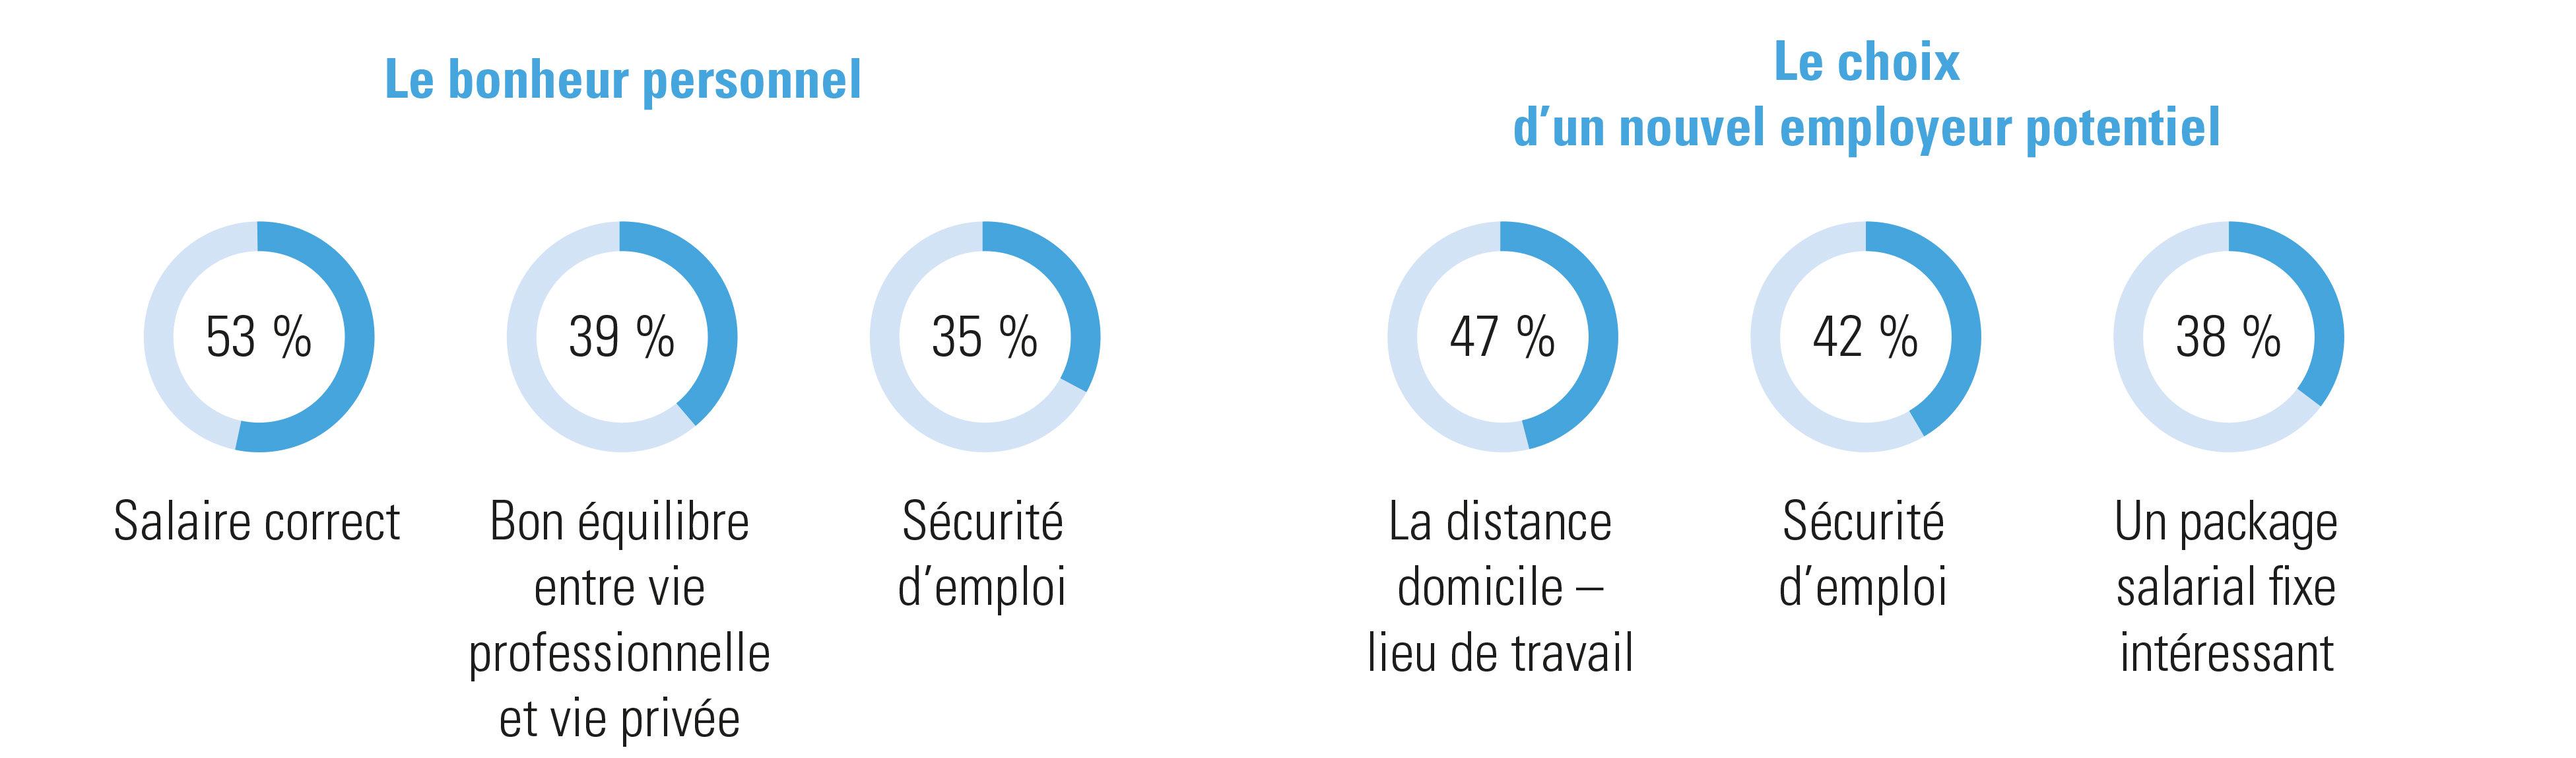 Dans quelle mesure ces facteurs sont-ils importants 1) pour votre bonheur personnel au travail; 2) dans le choix d'un nouvel employeur?